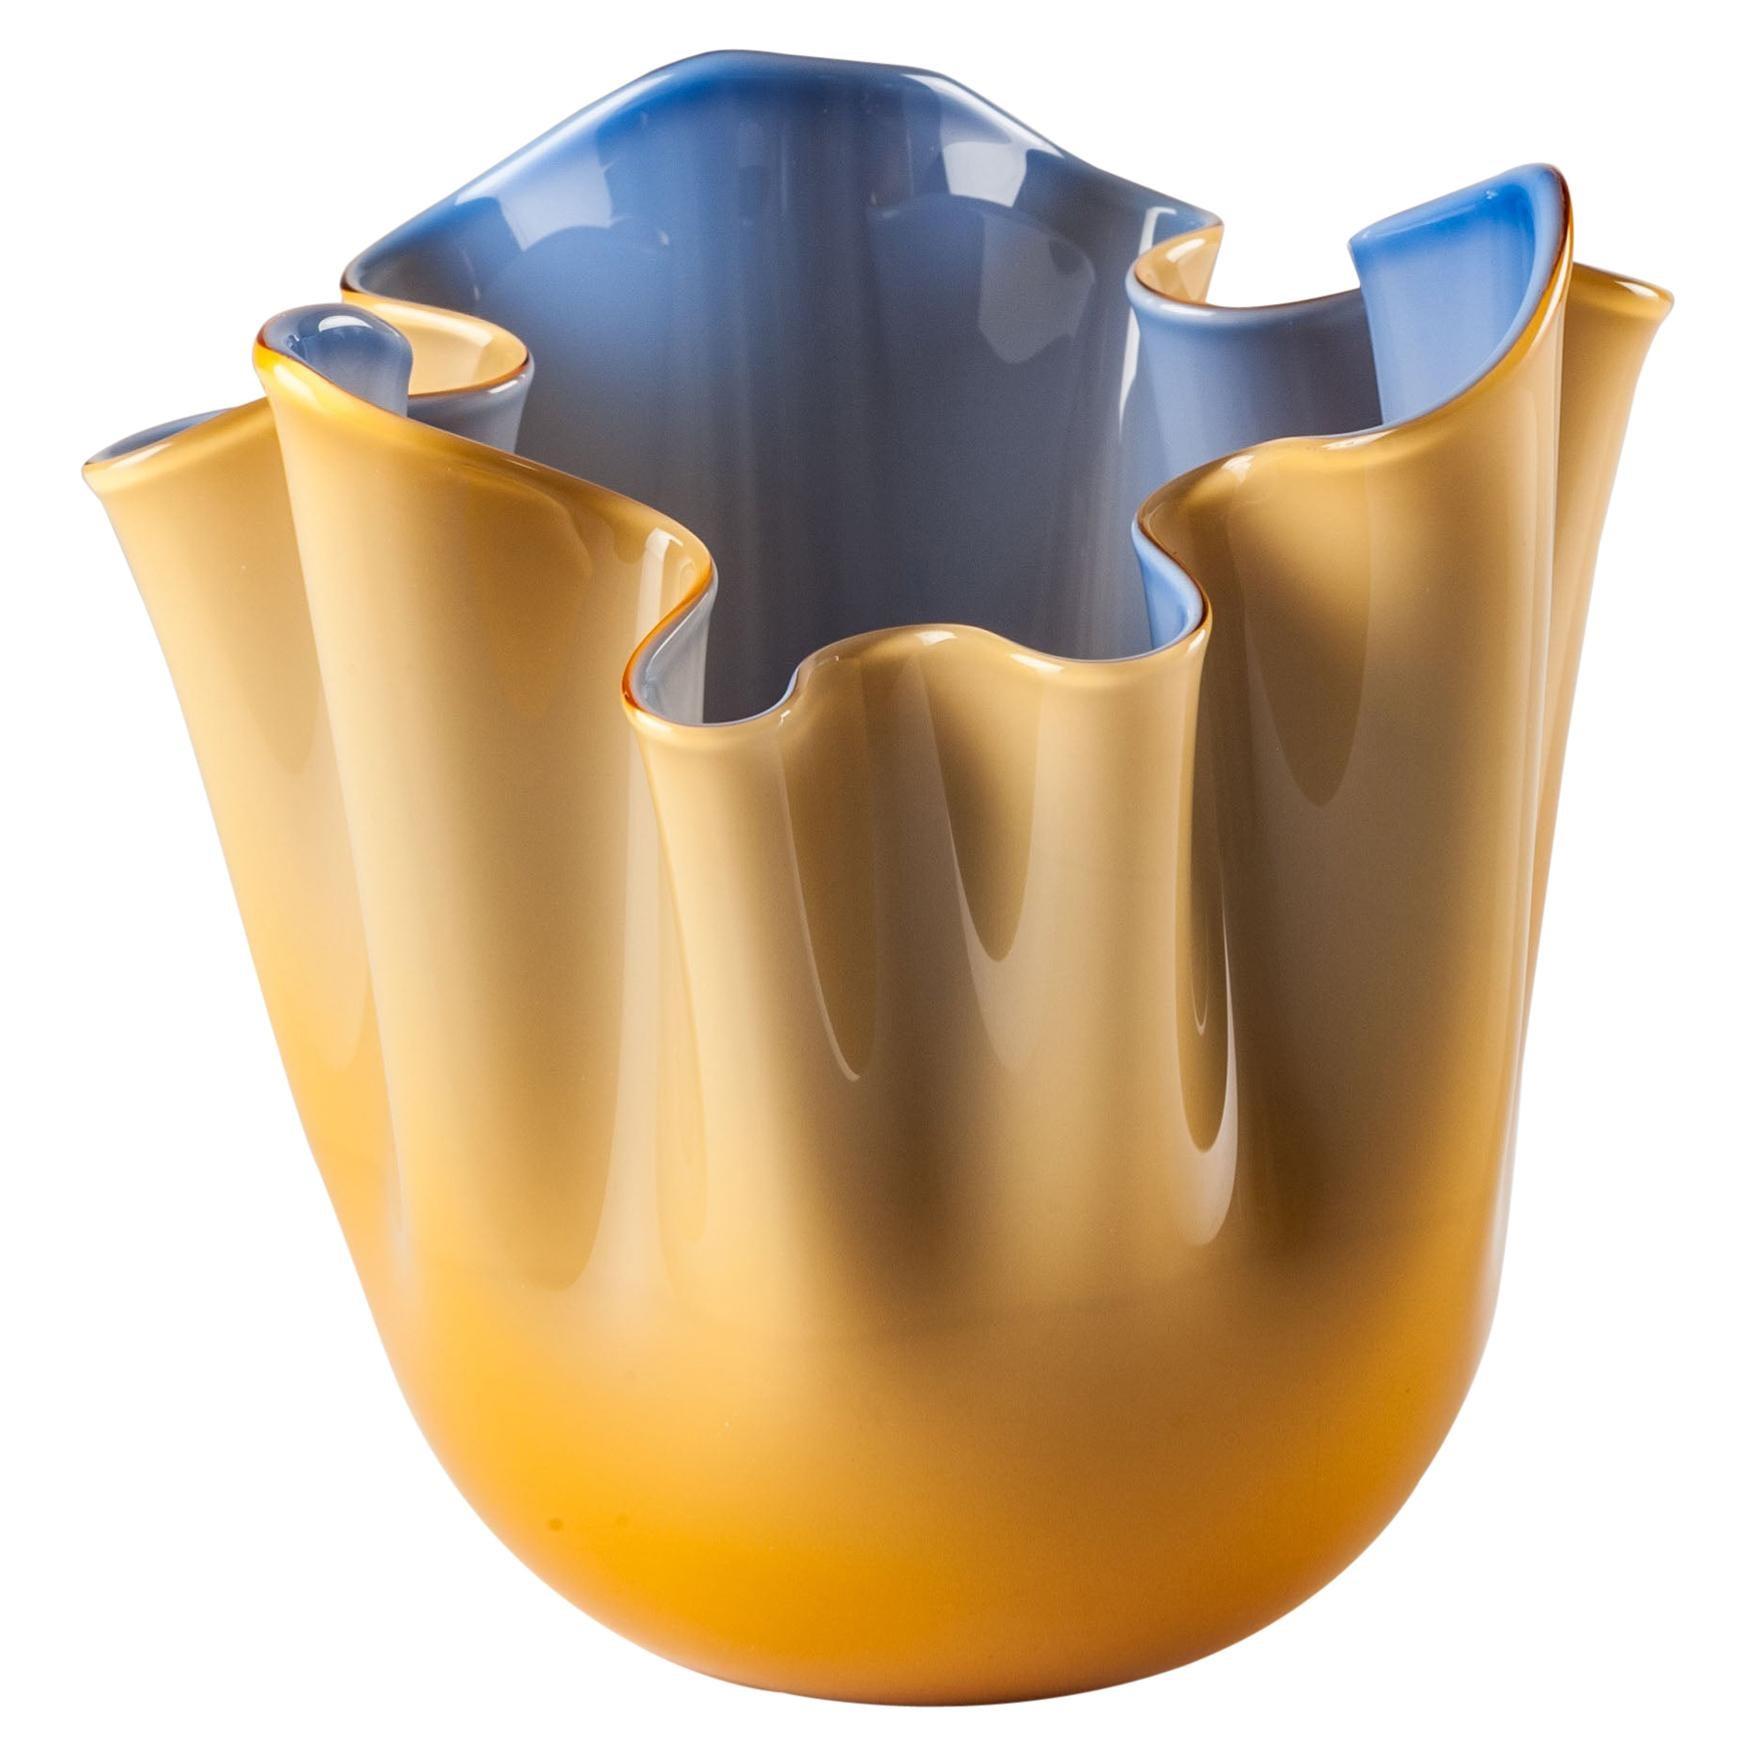 Venini Fazzoletto Bicolore Small Vase in Amber and Horizon Murano Glass